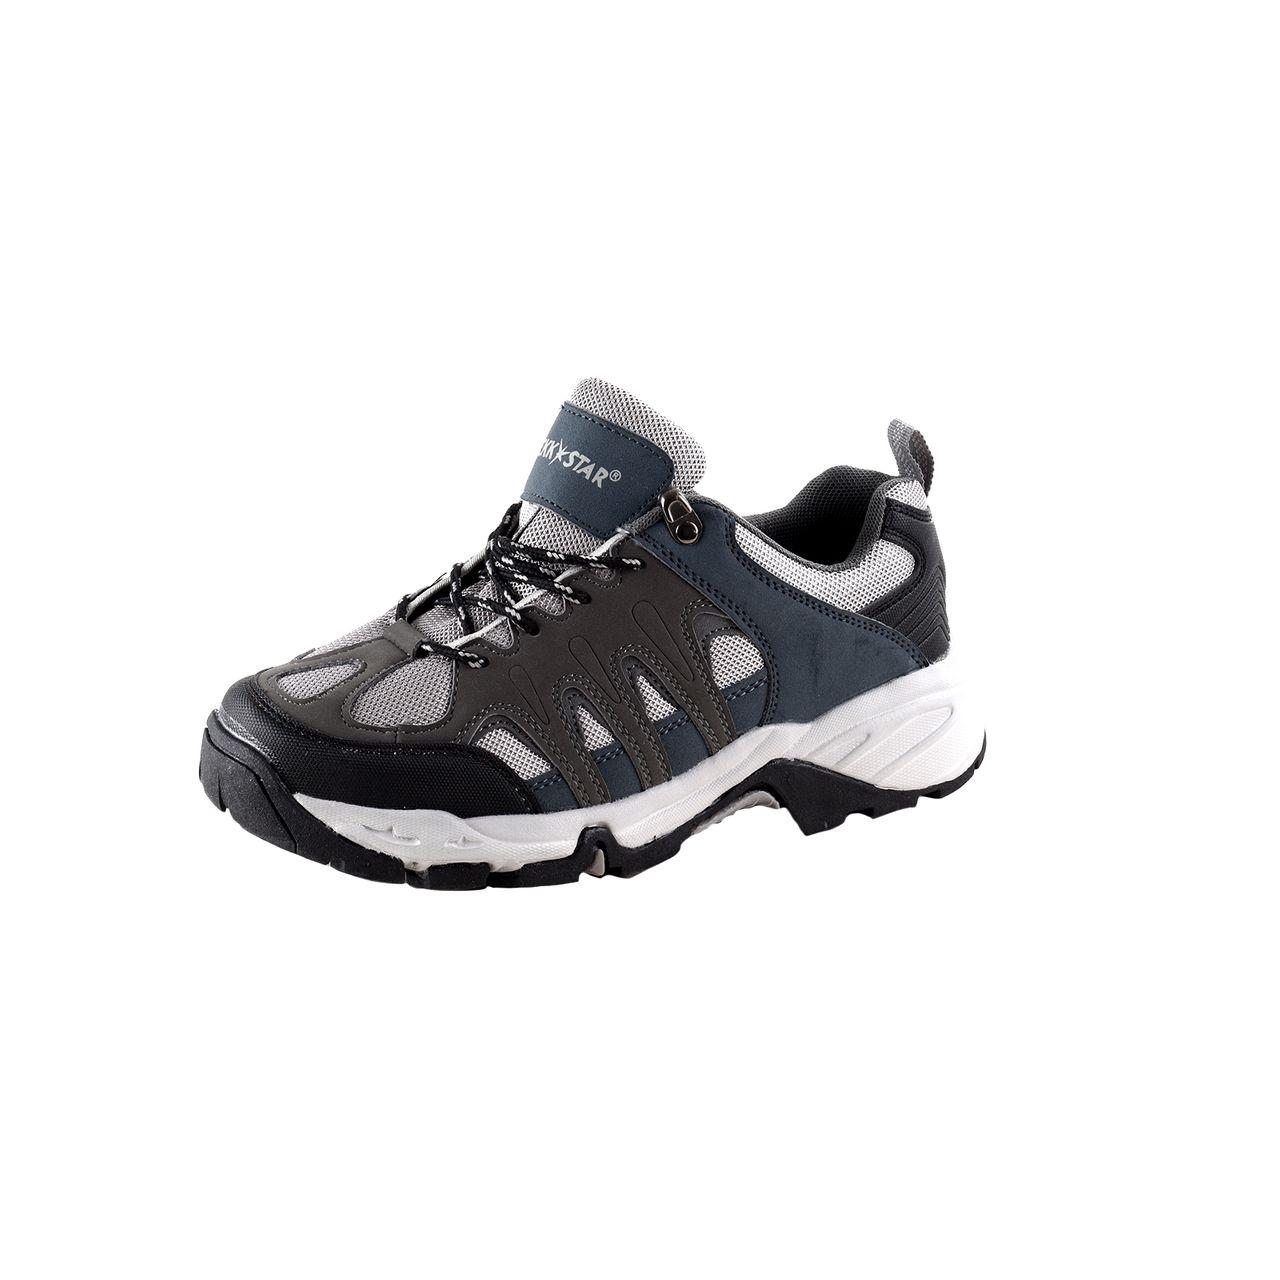 Chaussures de sport pour homme de 'Uncle Sam' avec semelle en Phylon, Couleur:gris/multi;Taille chaussure:44